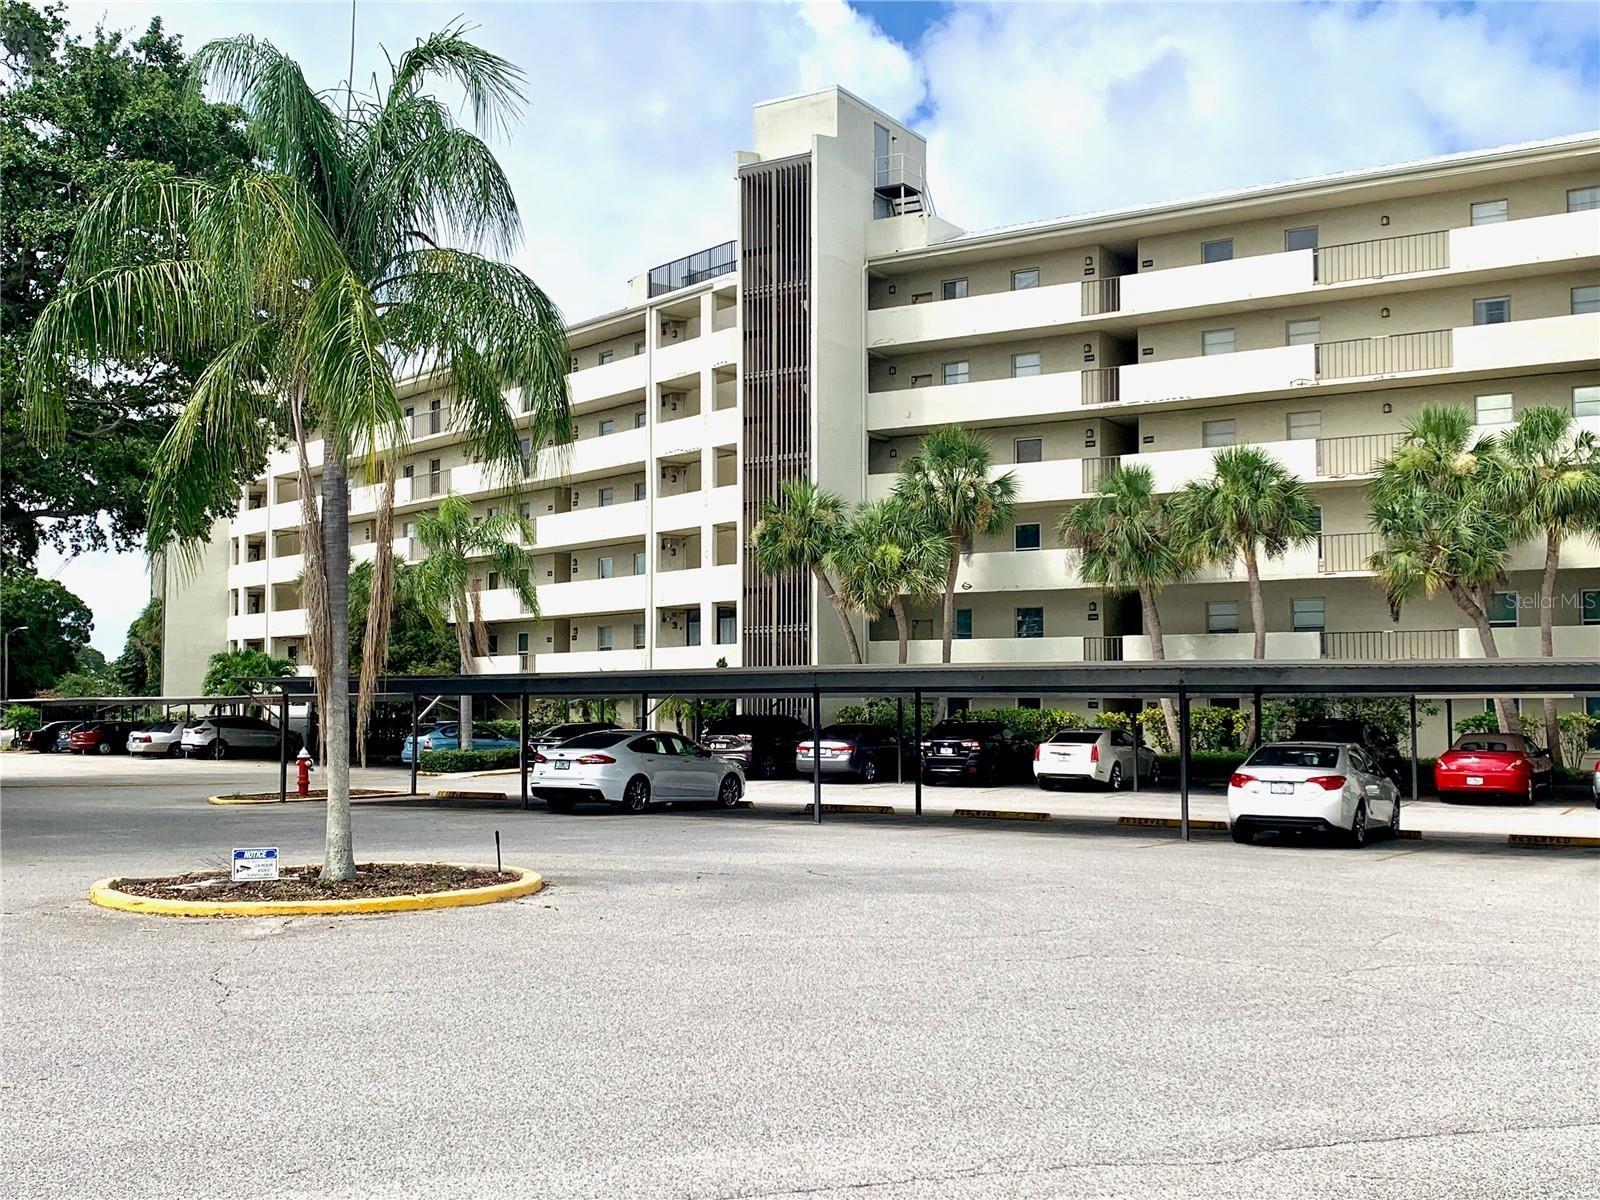 225 COUNTRY CLUB DRIVE #1607 Bld F, Largo, FL 33771 - MLS#: U8121490